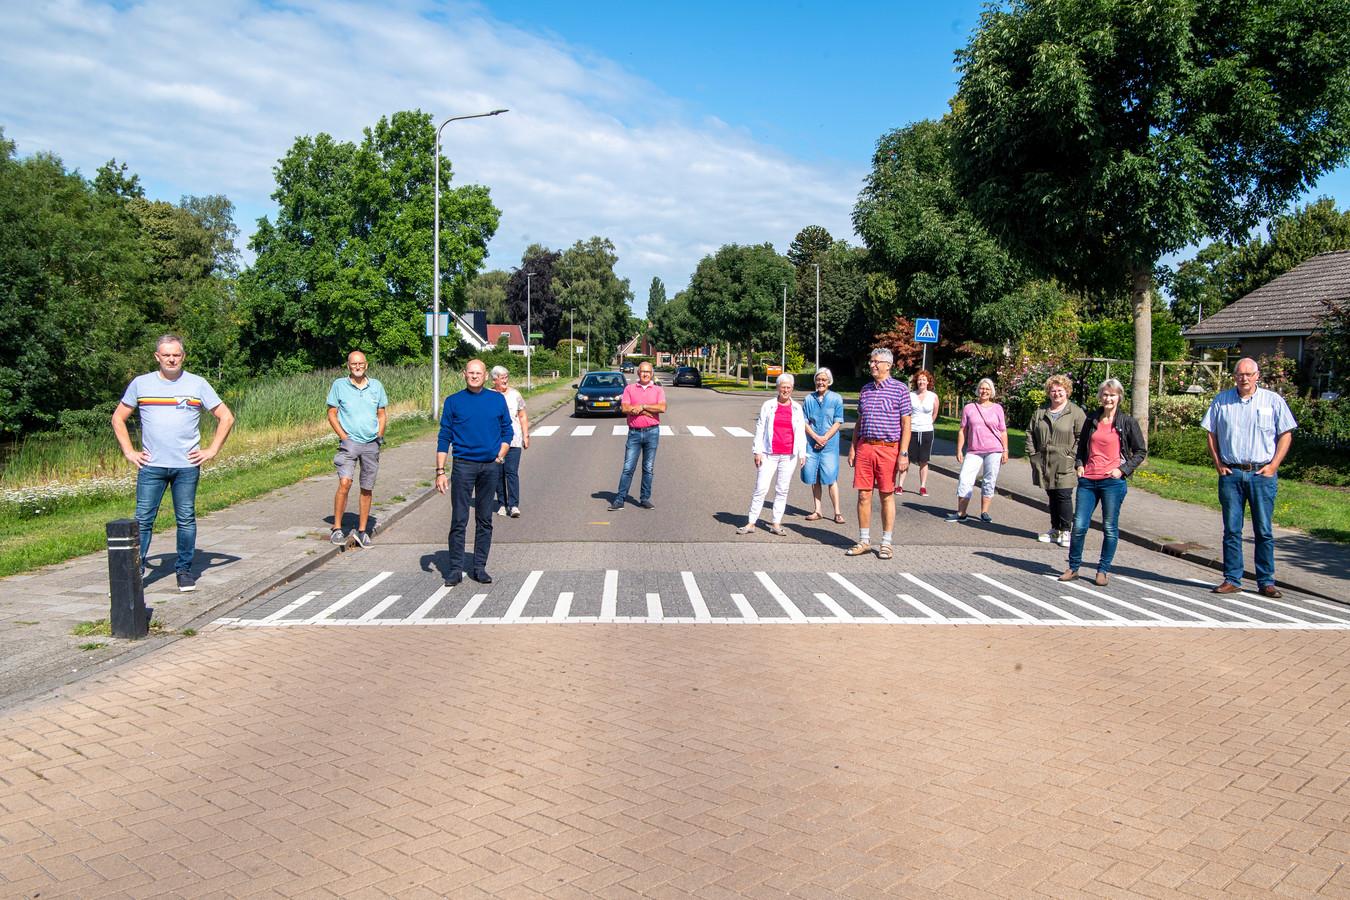 Bewoners van de Kievitstraat in Ommen, met onder anderen uiterst links Patrick Oldeman, vrezen drukte en een verkeersonveilige situatie als de scholieren via deze weg fietsen.